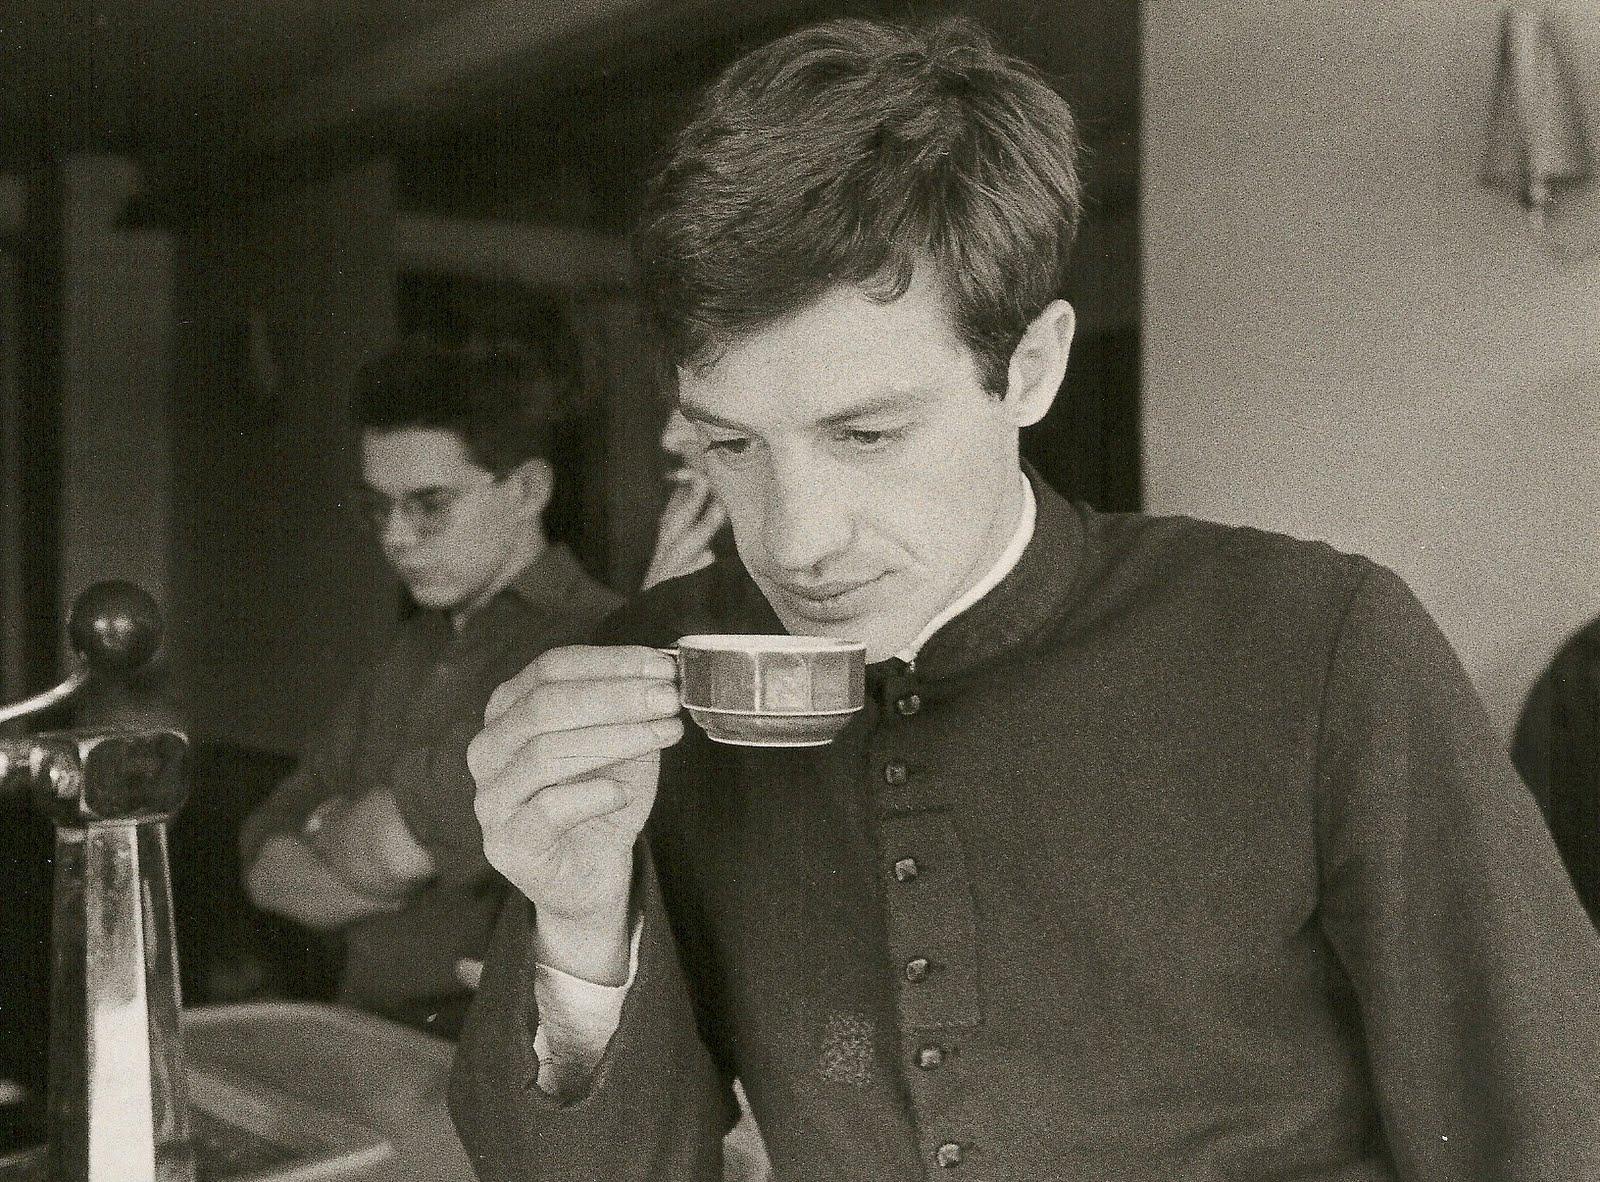 ジャン=ポール・ベルモンドの画像 p1_20